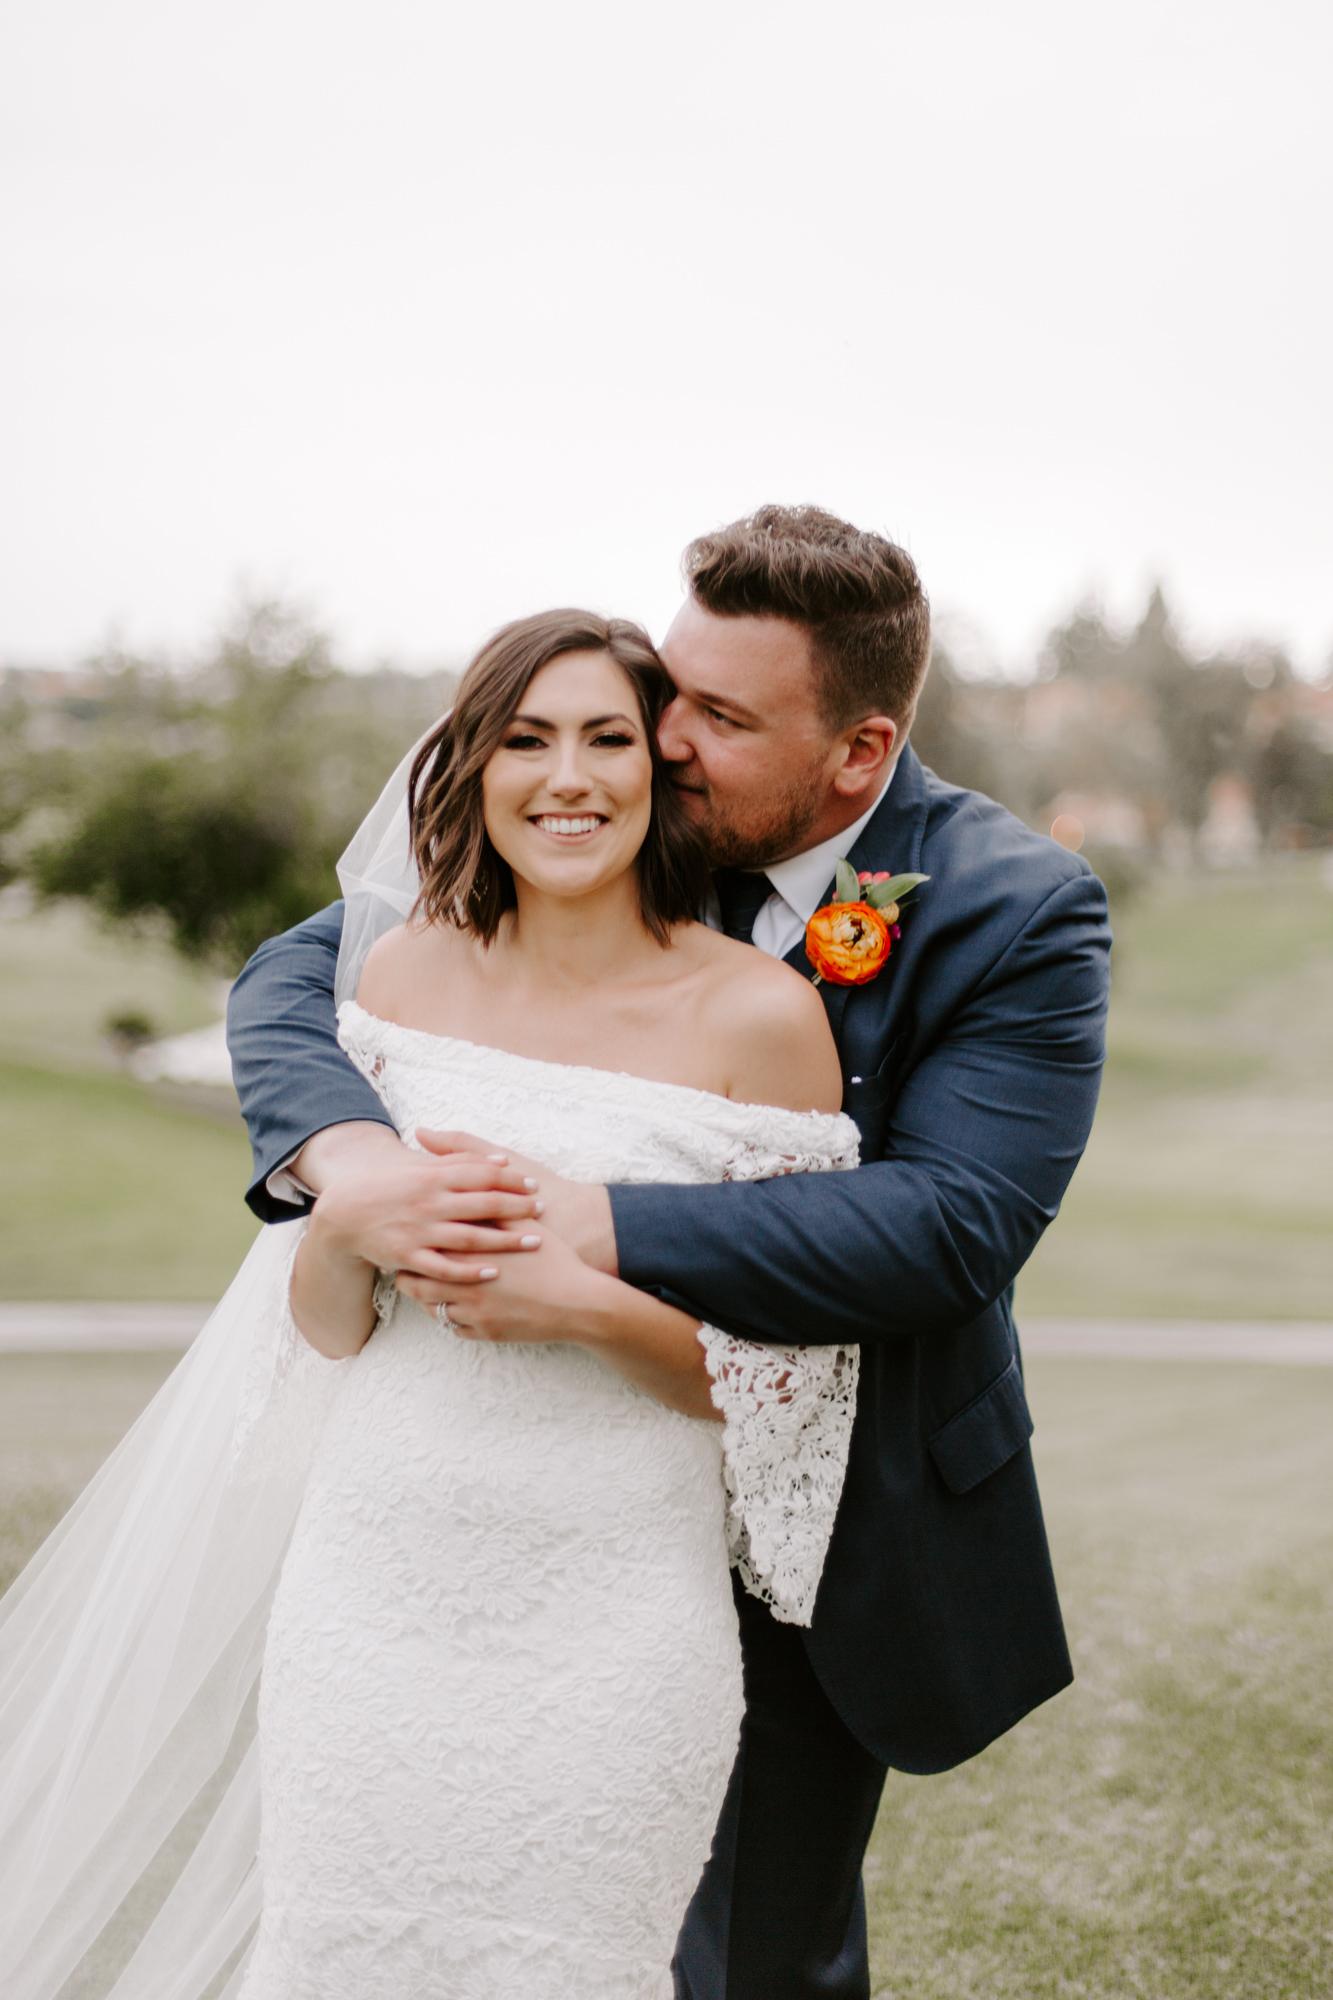 Rancho bernardo Inn san deigo wedding photography0074.jpg